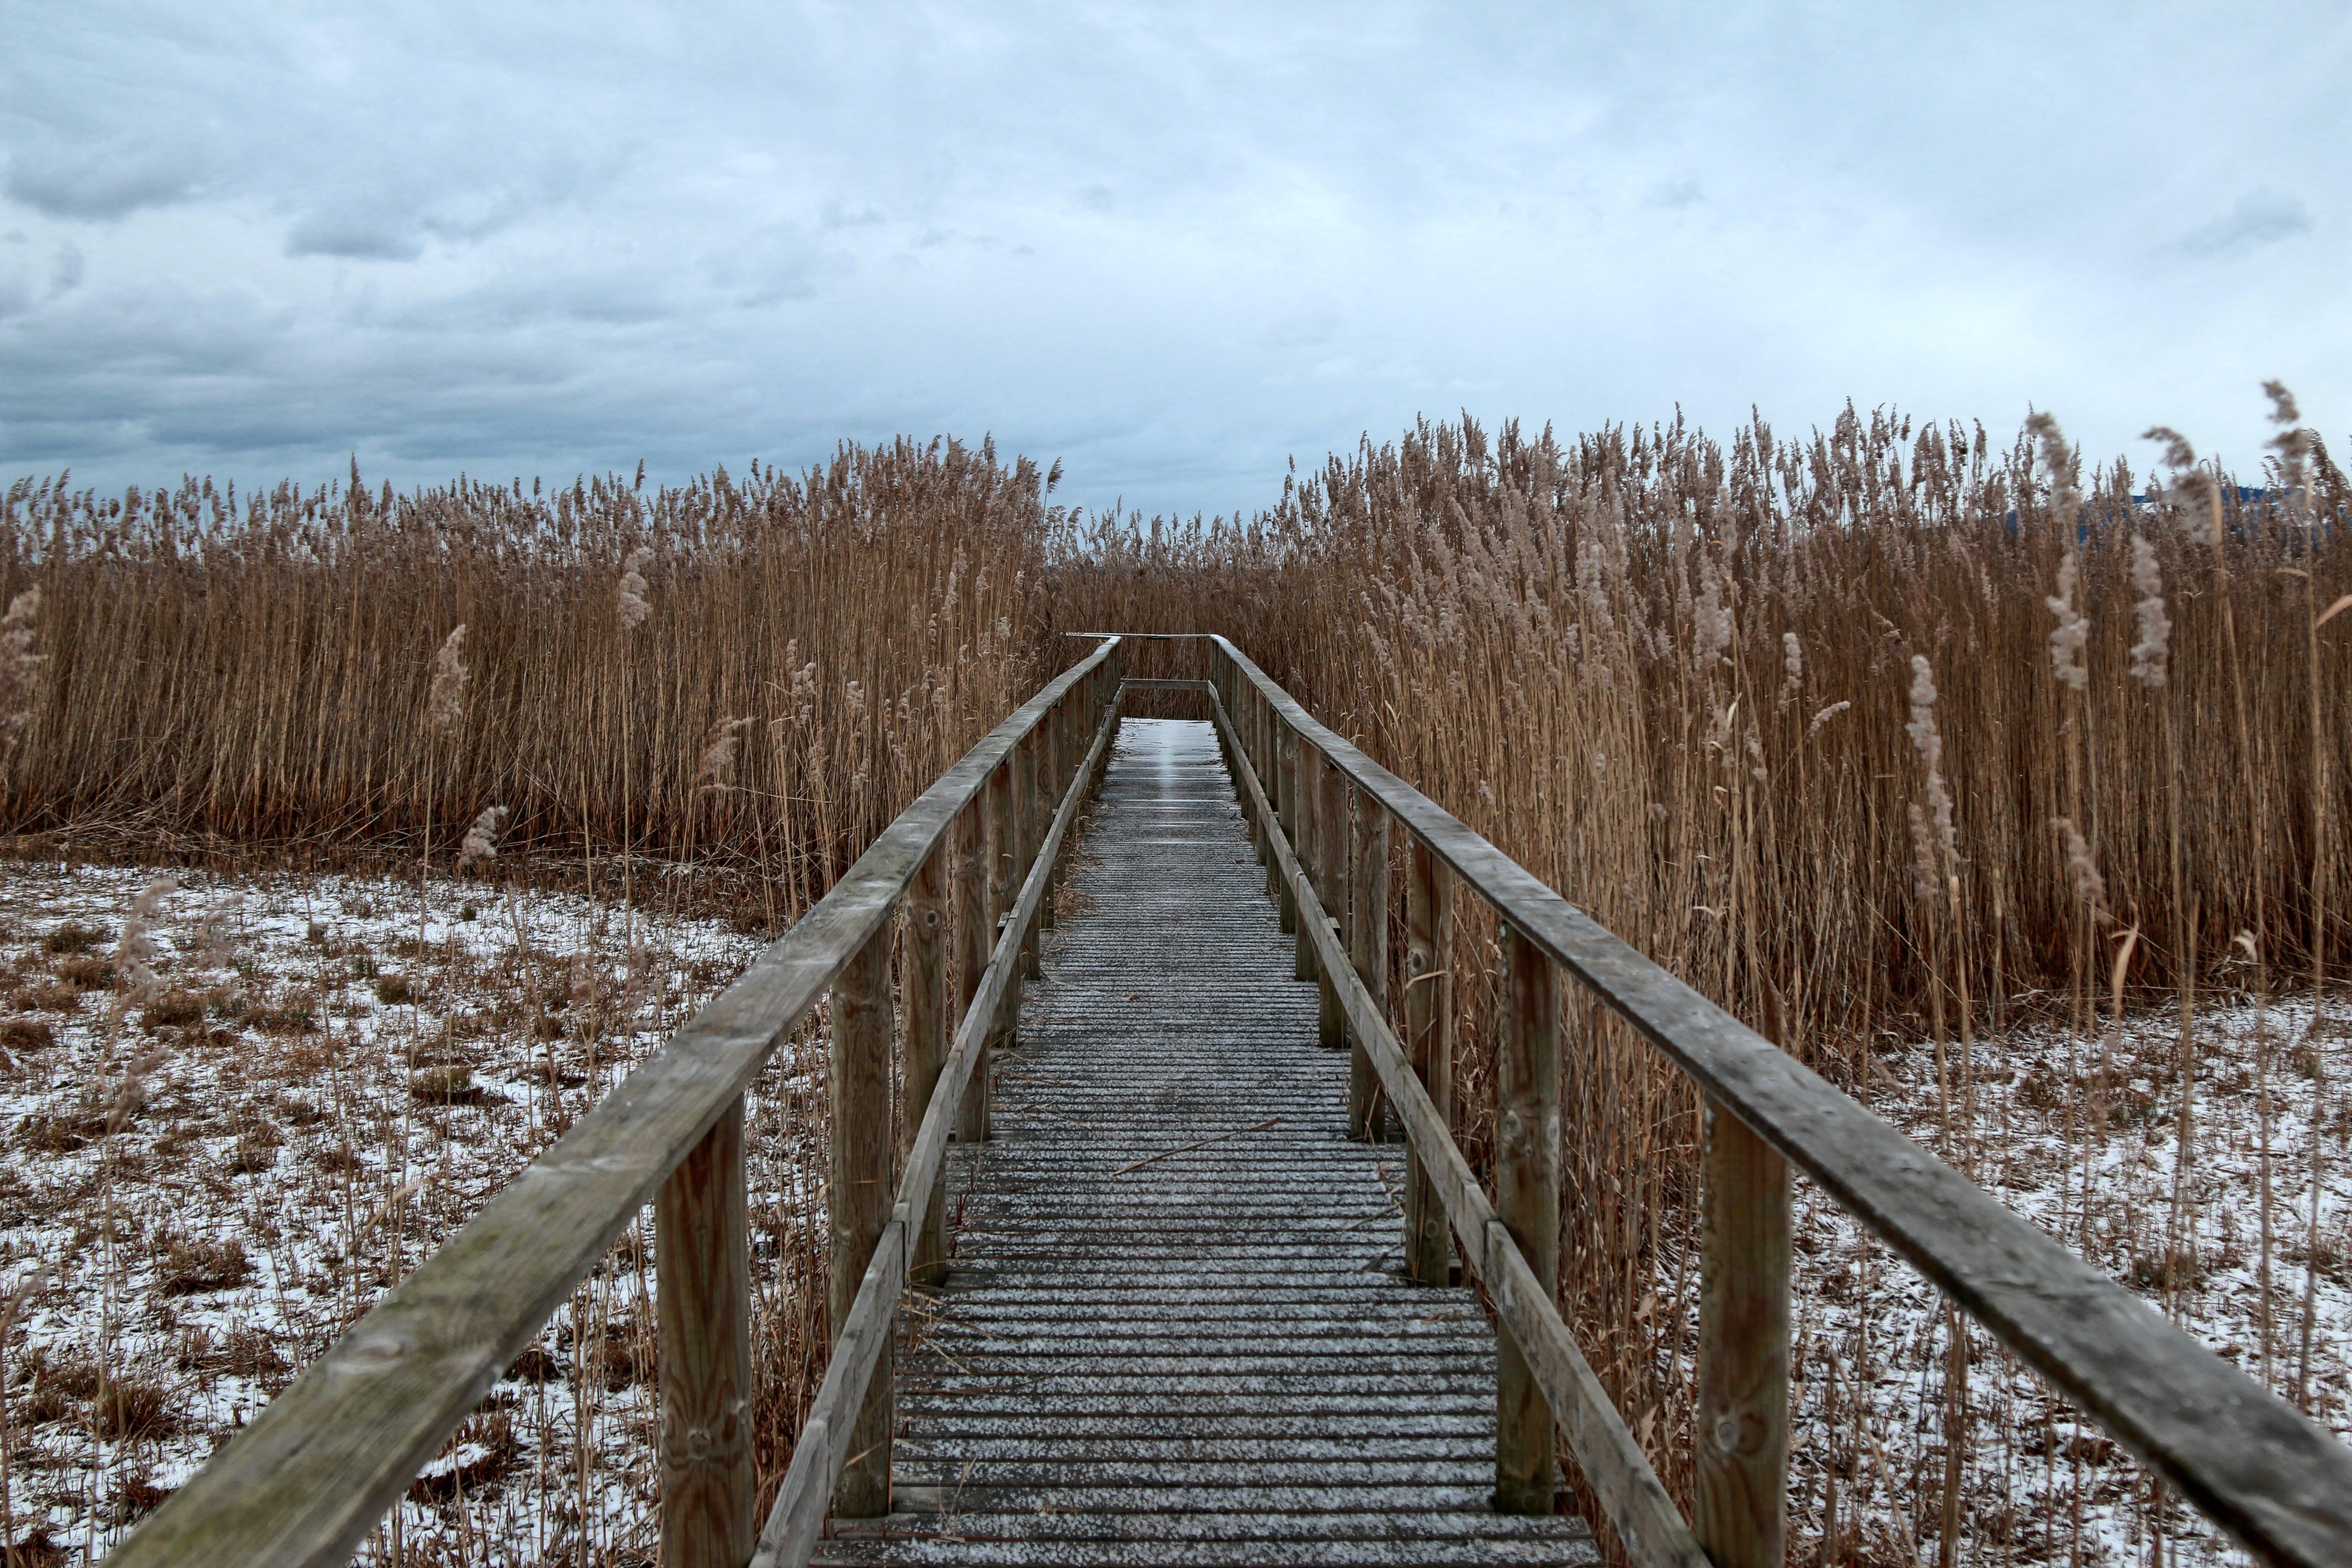 Brown Wooden Bridge Between Grass